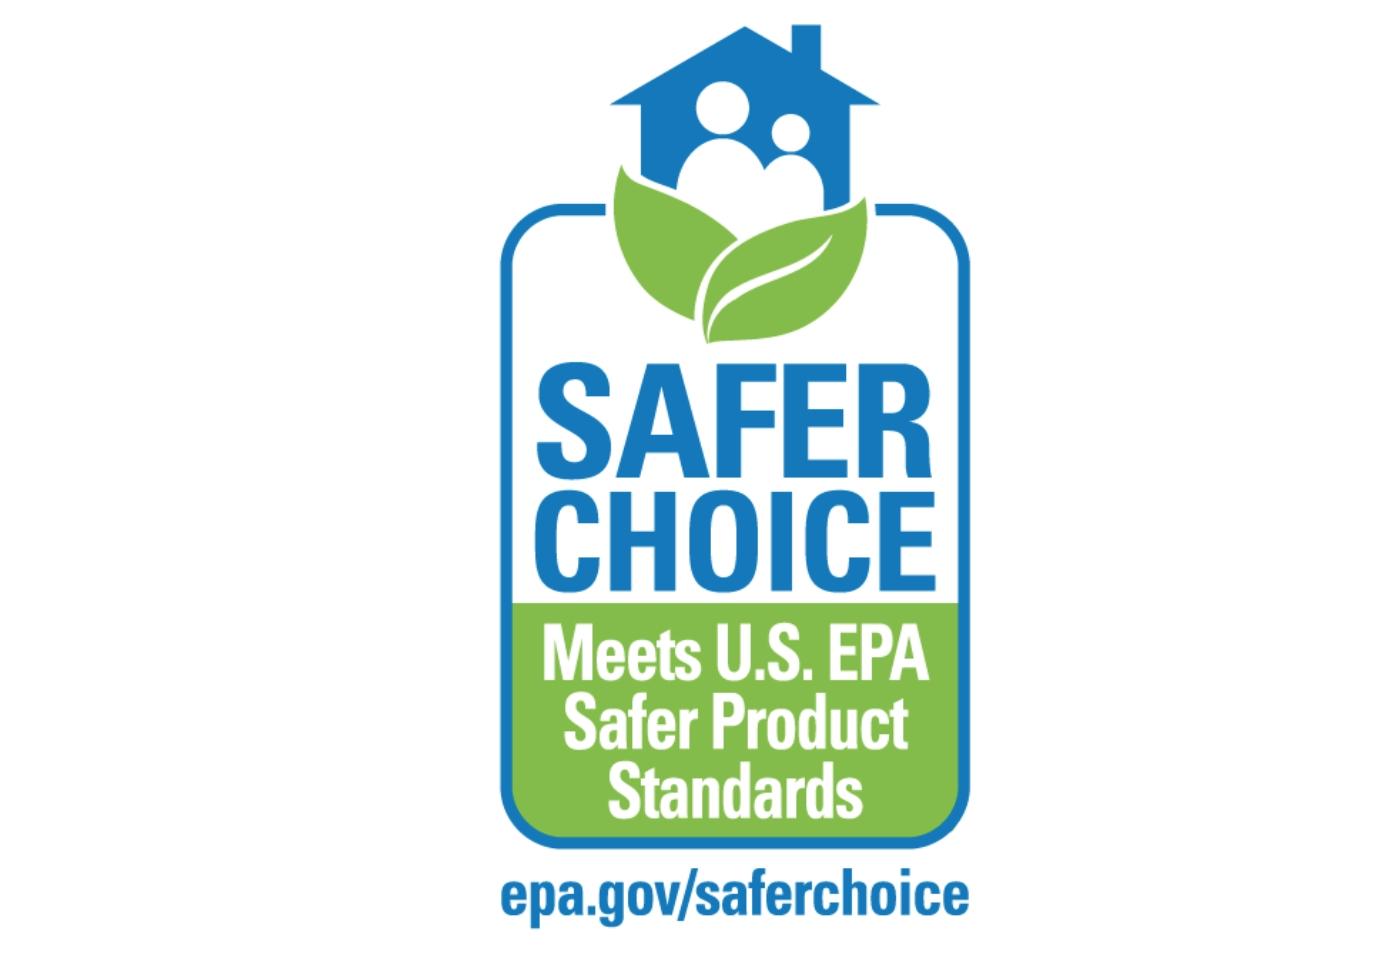 EPA Announces Safer Choice Award Winners